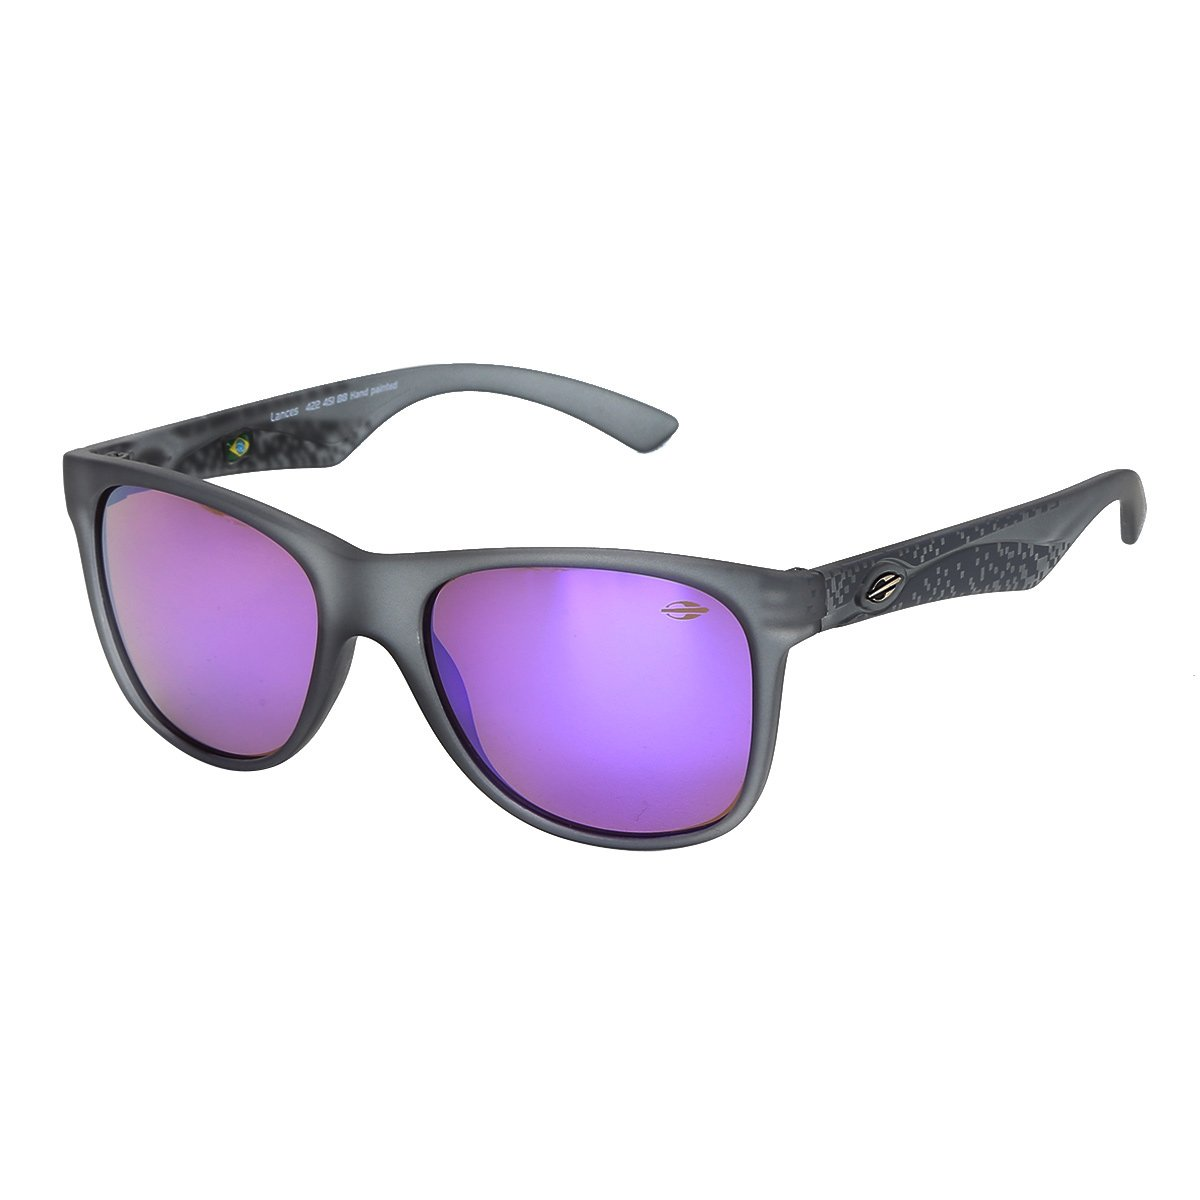 Óculos de Sol Mormaii Lances Fumê Fosco Masculino - Compre Agora ... f8baee7ebf